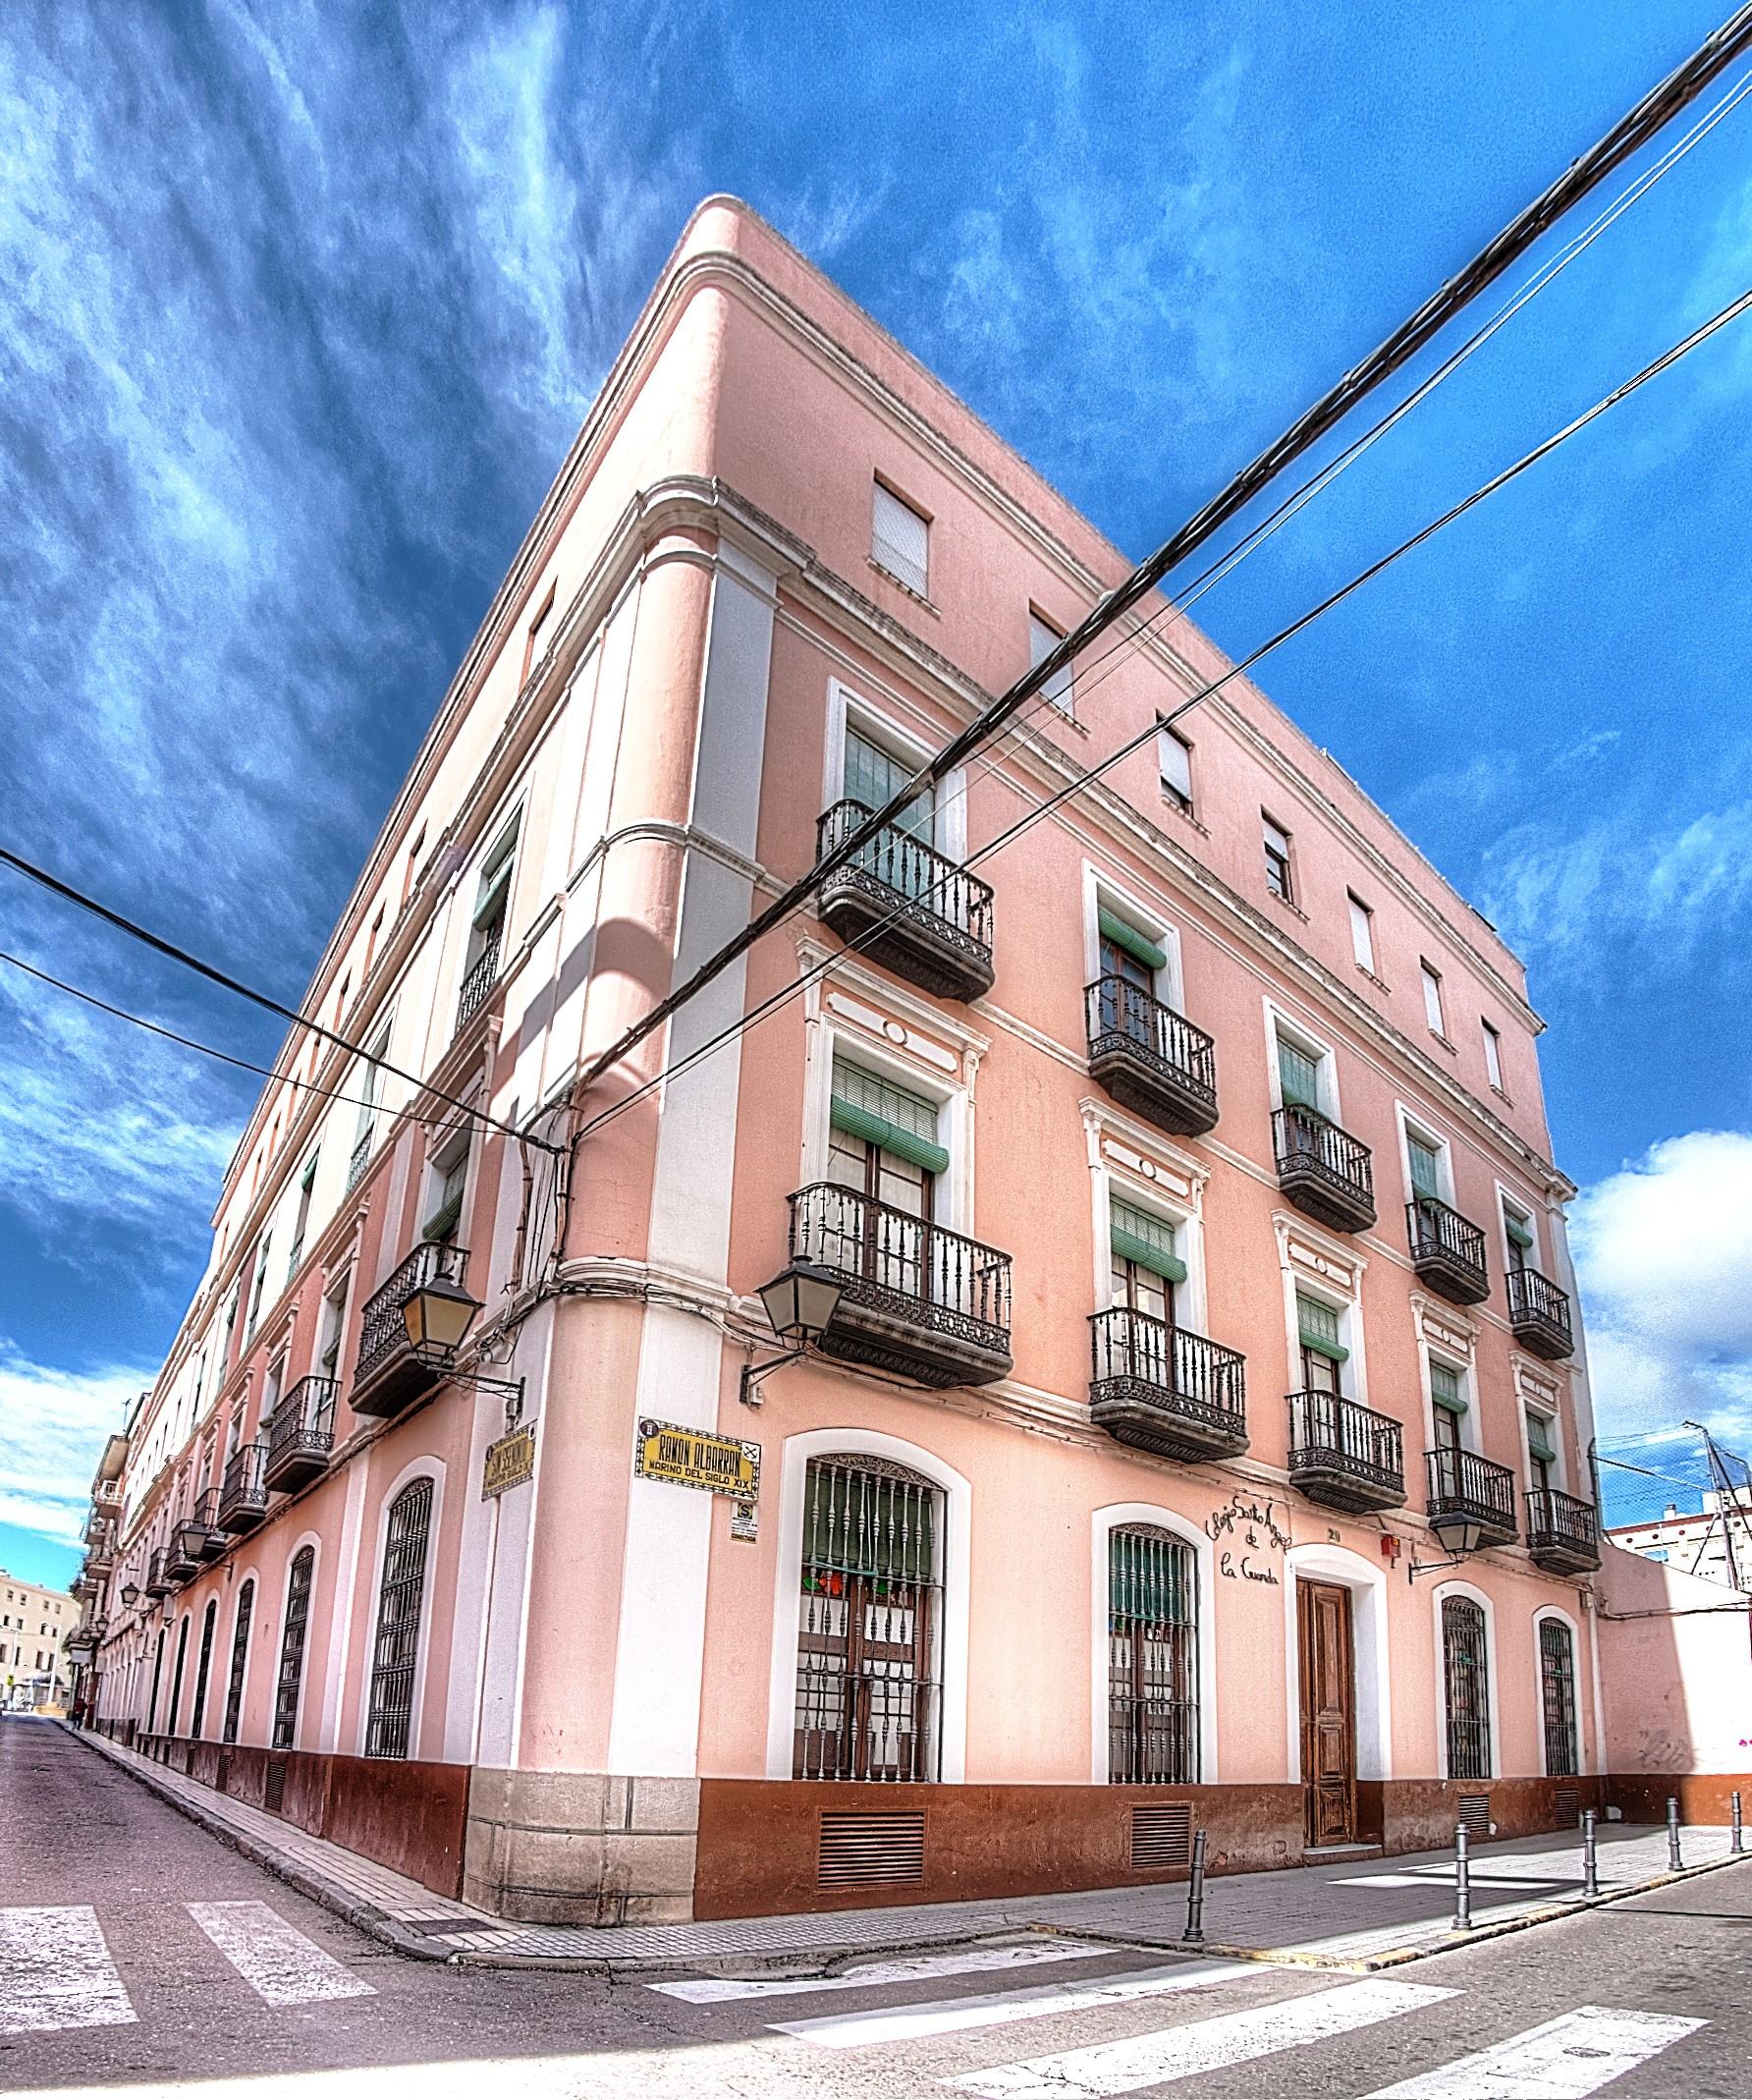 Calendario Escolar 2019 Badajoz Más Reciente Nuestras Instalaciones Of Calendario Escolar 2019 Badajoz Recientes Calaméo Gara